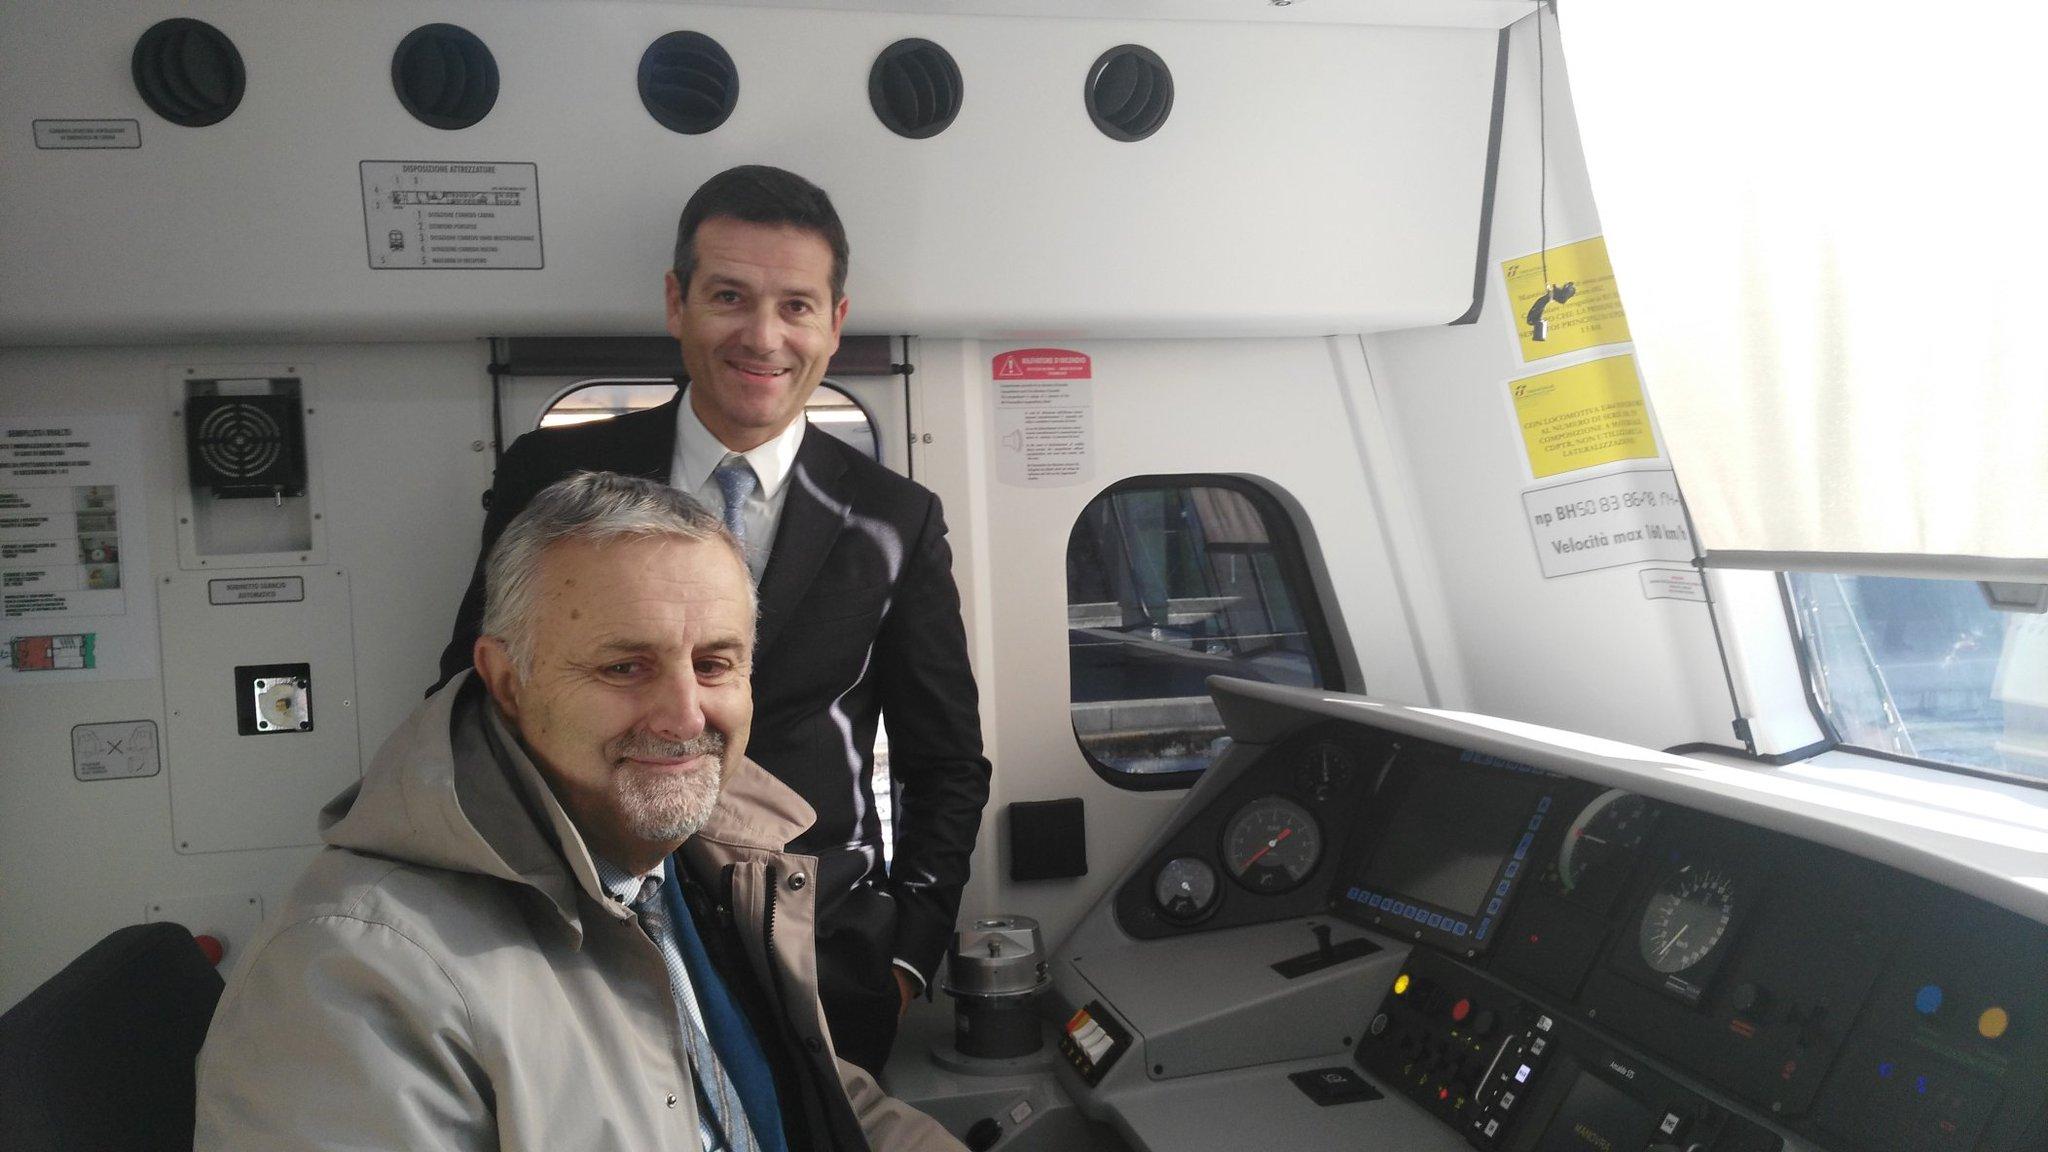 #pendolari della Toscana: ecco i nuovi treni inaugurati da @vincenzoce e Iacono di @fsnews_it e @regionetoscana @muoversintoscan https://t.co/MQl05xGbju